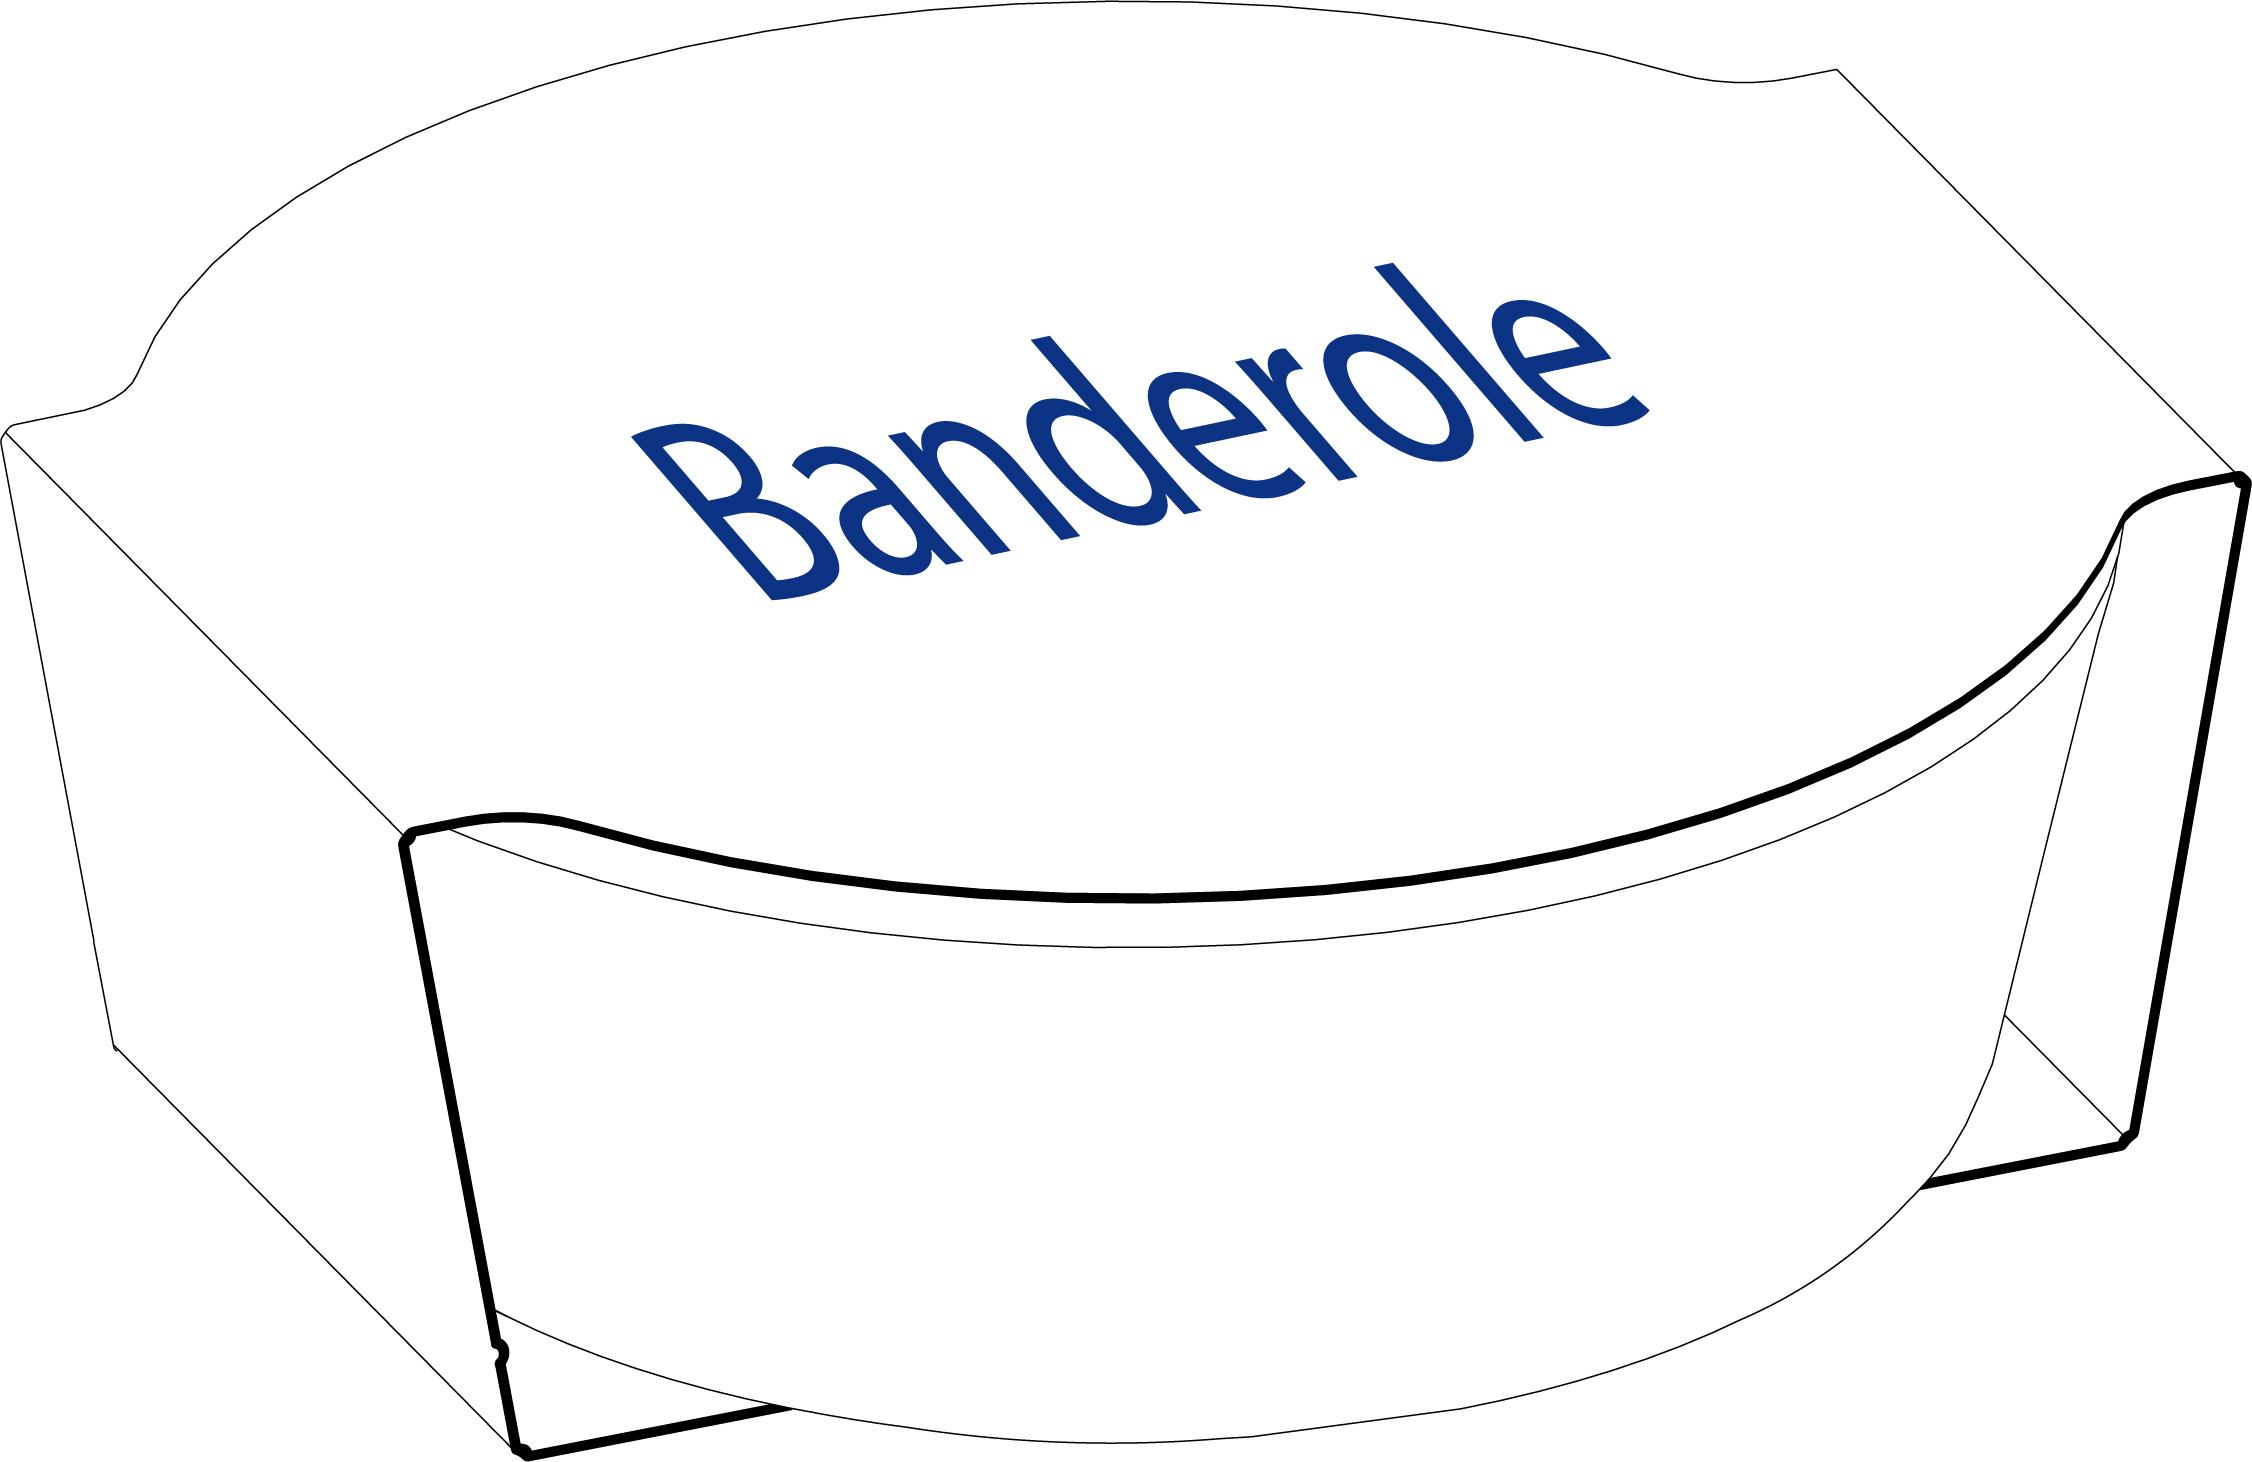 Banderole sw_gezeichnet+beschriftet.jpg